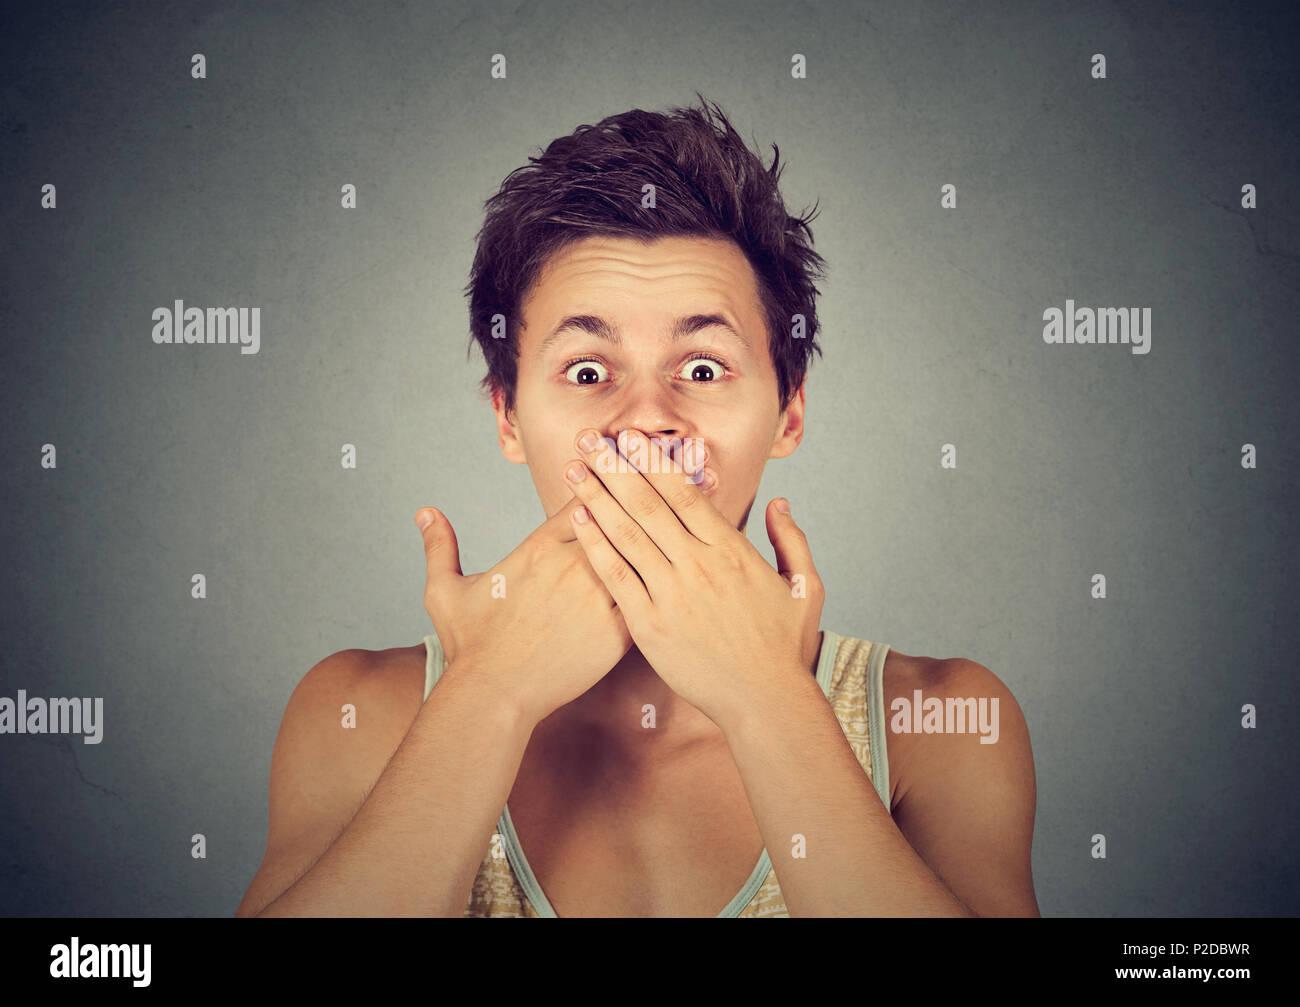 Storditi giovane ragazzo che copre la bocca con entrambe le mani cercando paura di parlare e guardando la telecamera su grigio Immagini Stock